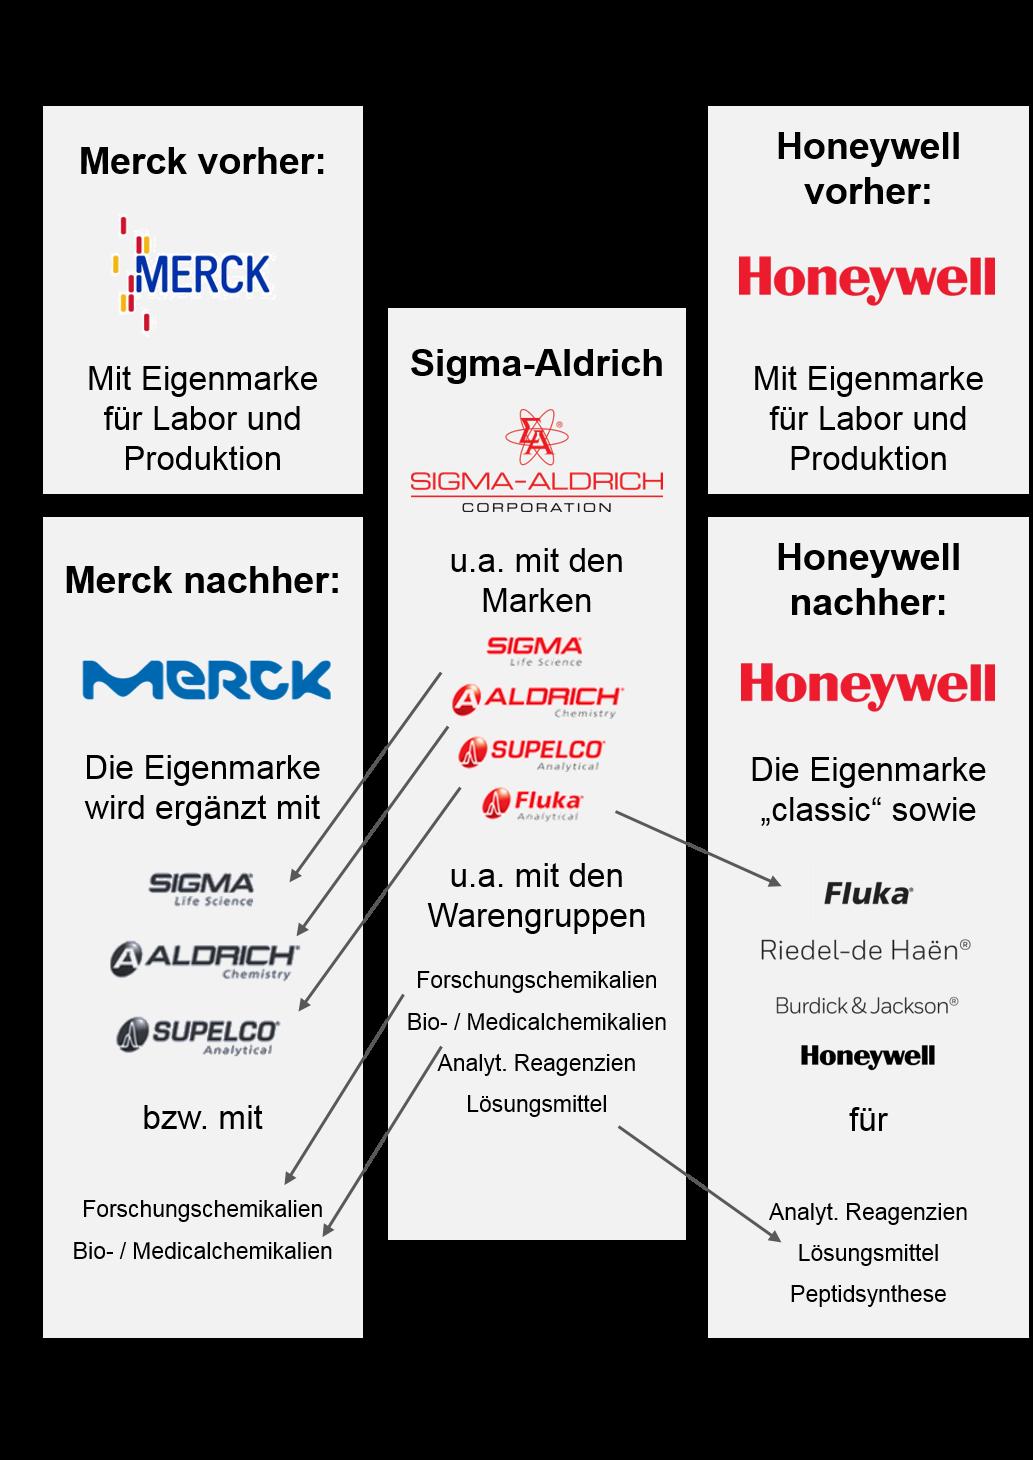 Stark vereinfachte Darstellung, wie das Sortiment von Sigma-Adrich auf Merk und Honeywell aufgeteilt wird.